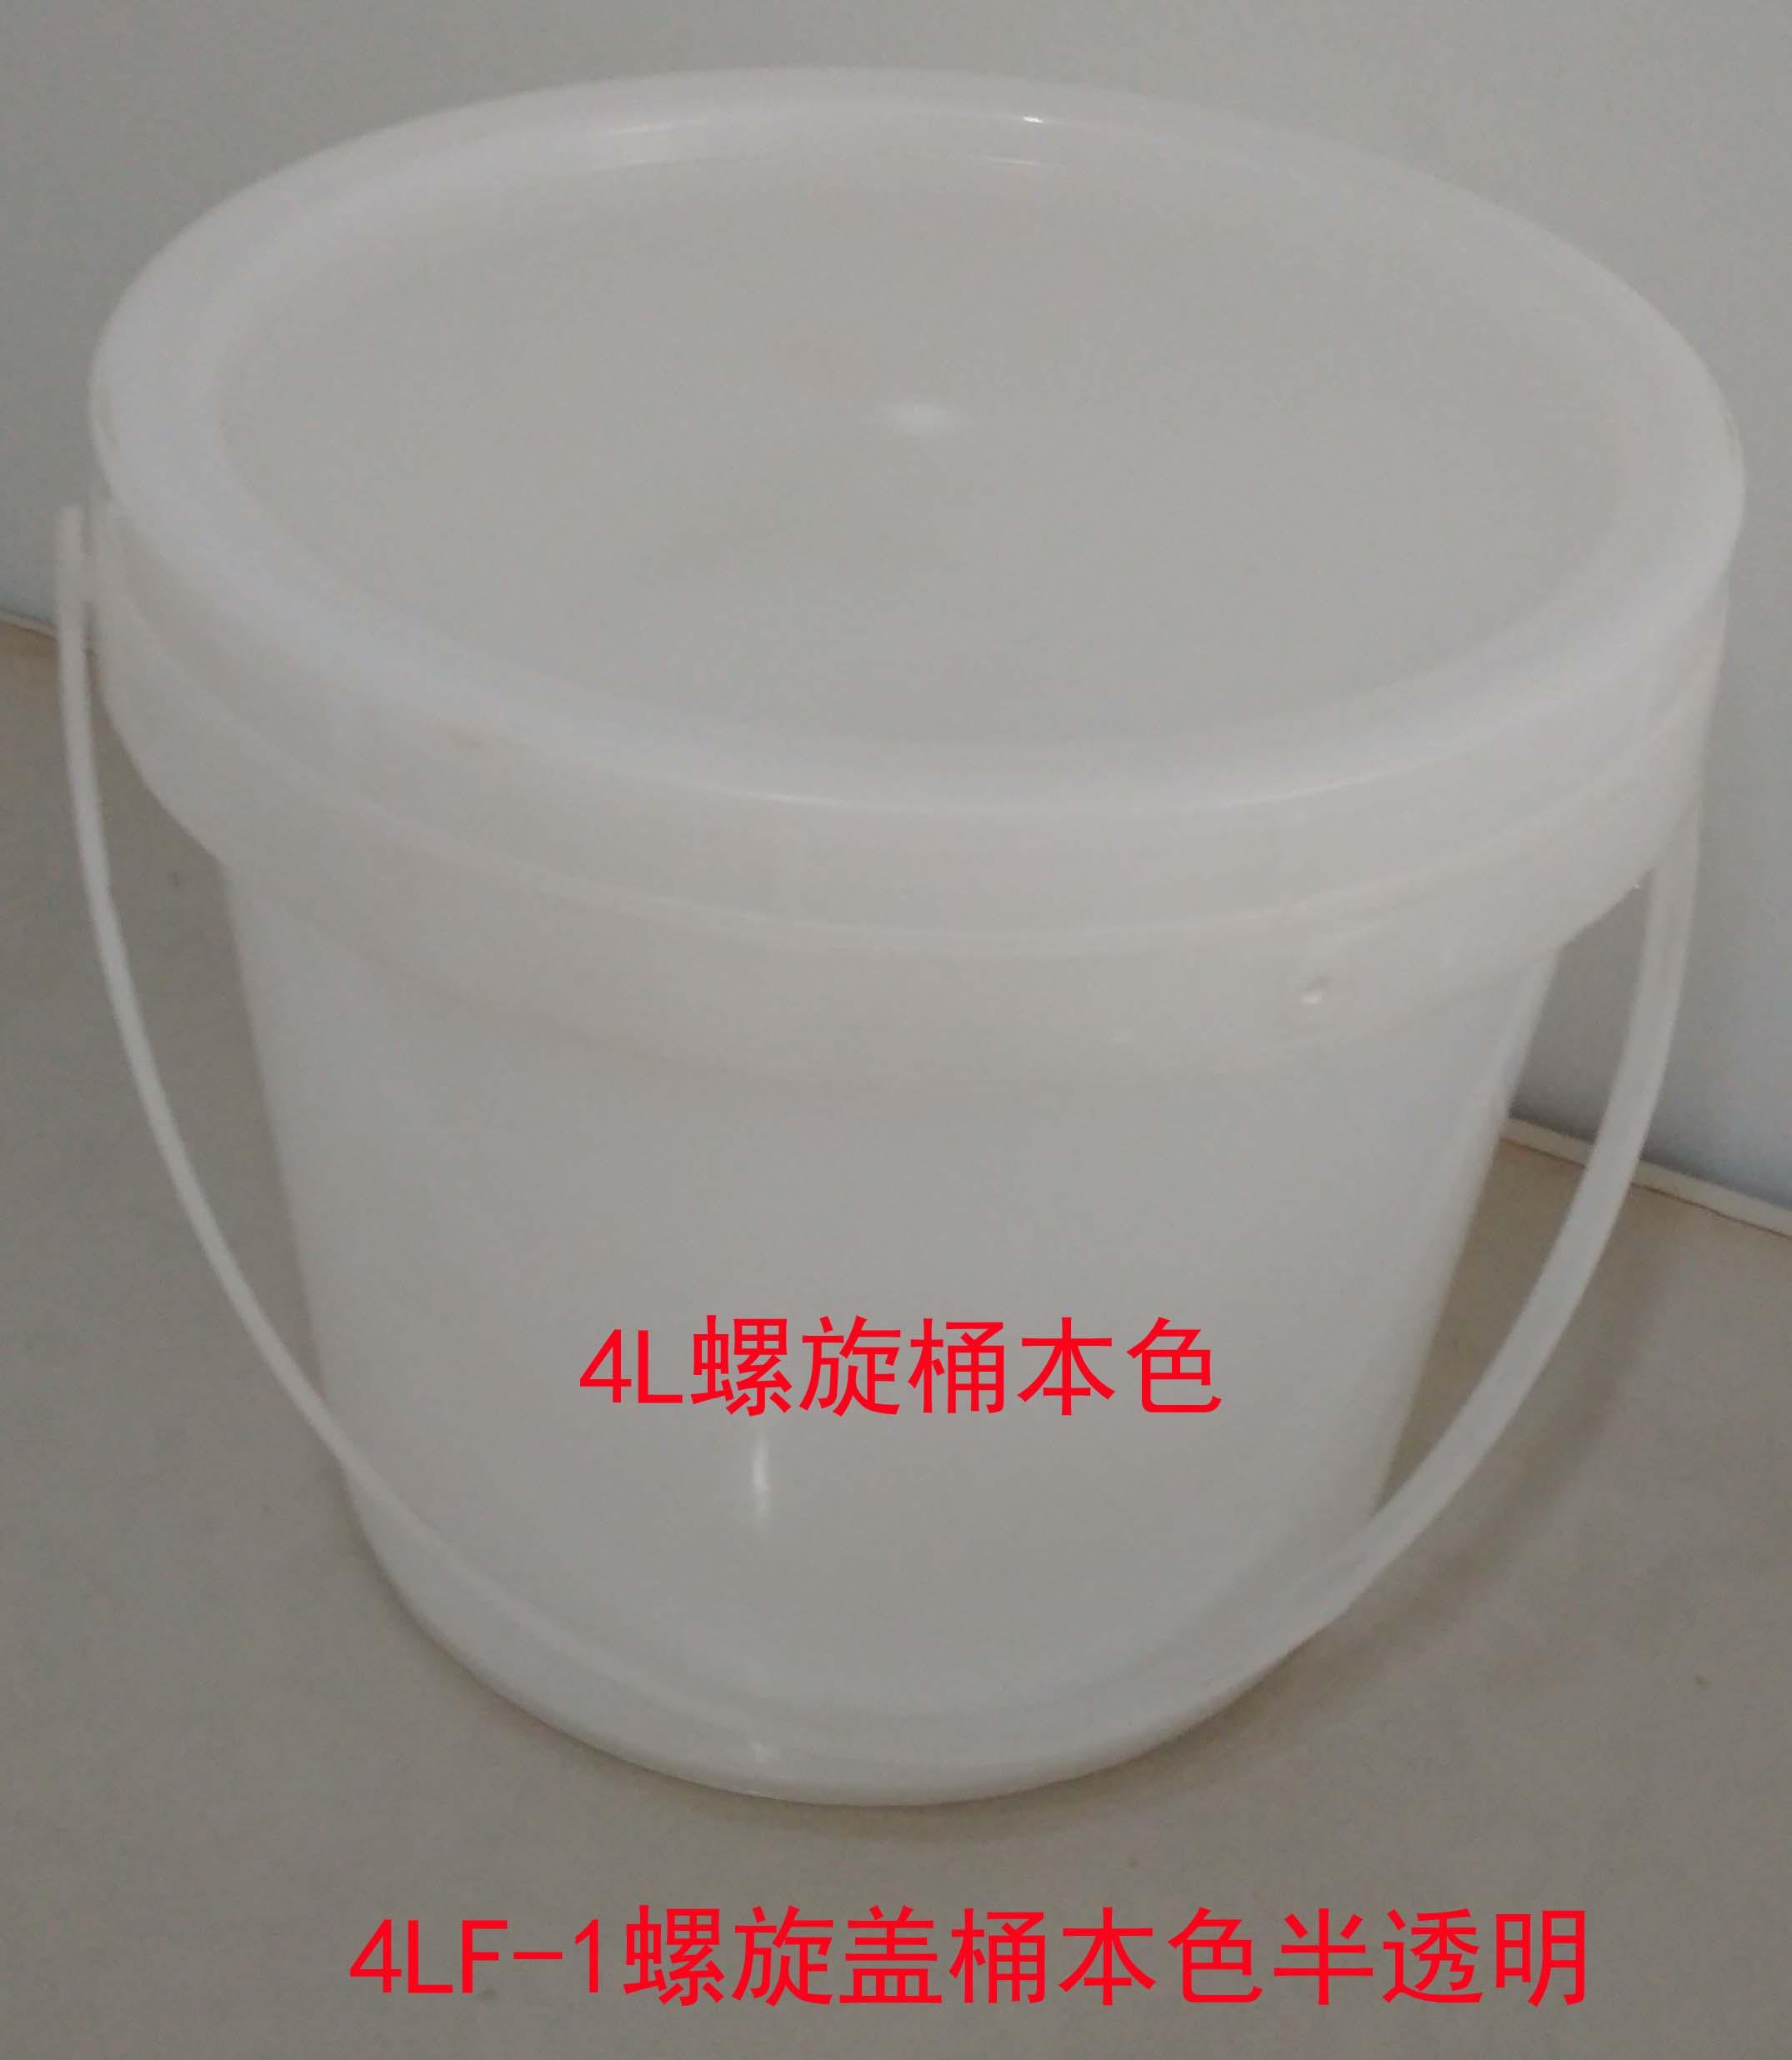 厂家直销容昱晟4L螺旋盖广口塑胶桶半透明食品酱料香精香料色素玩具桶